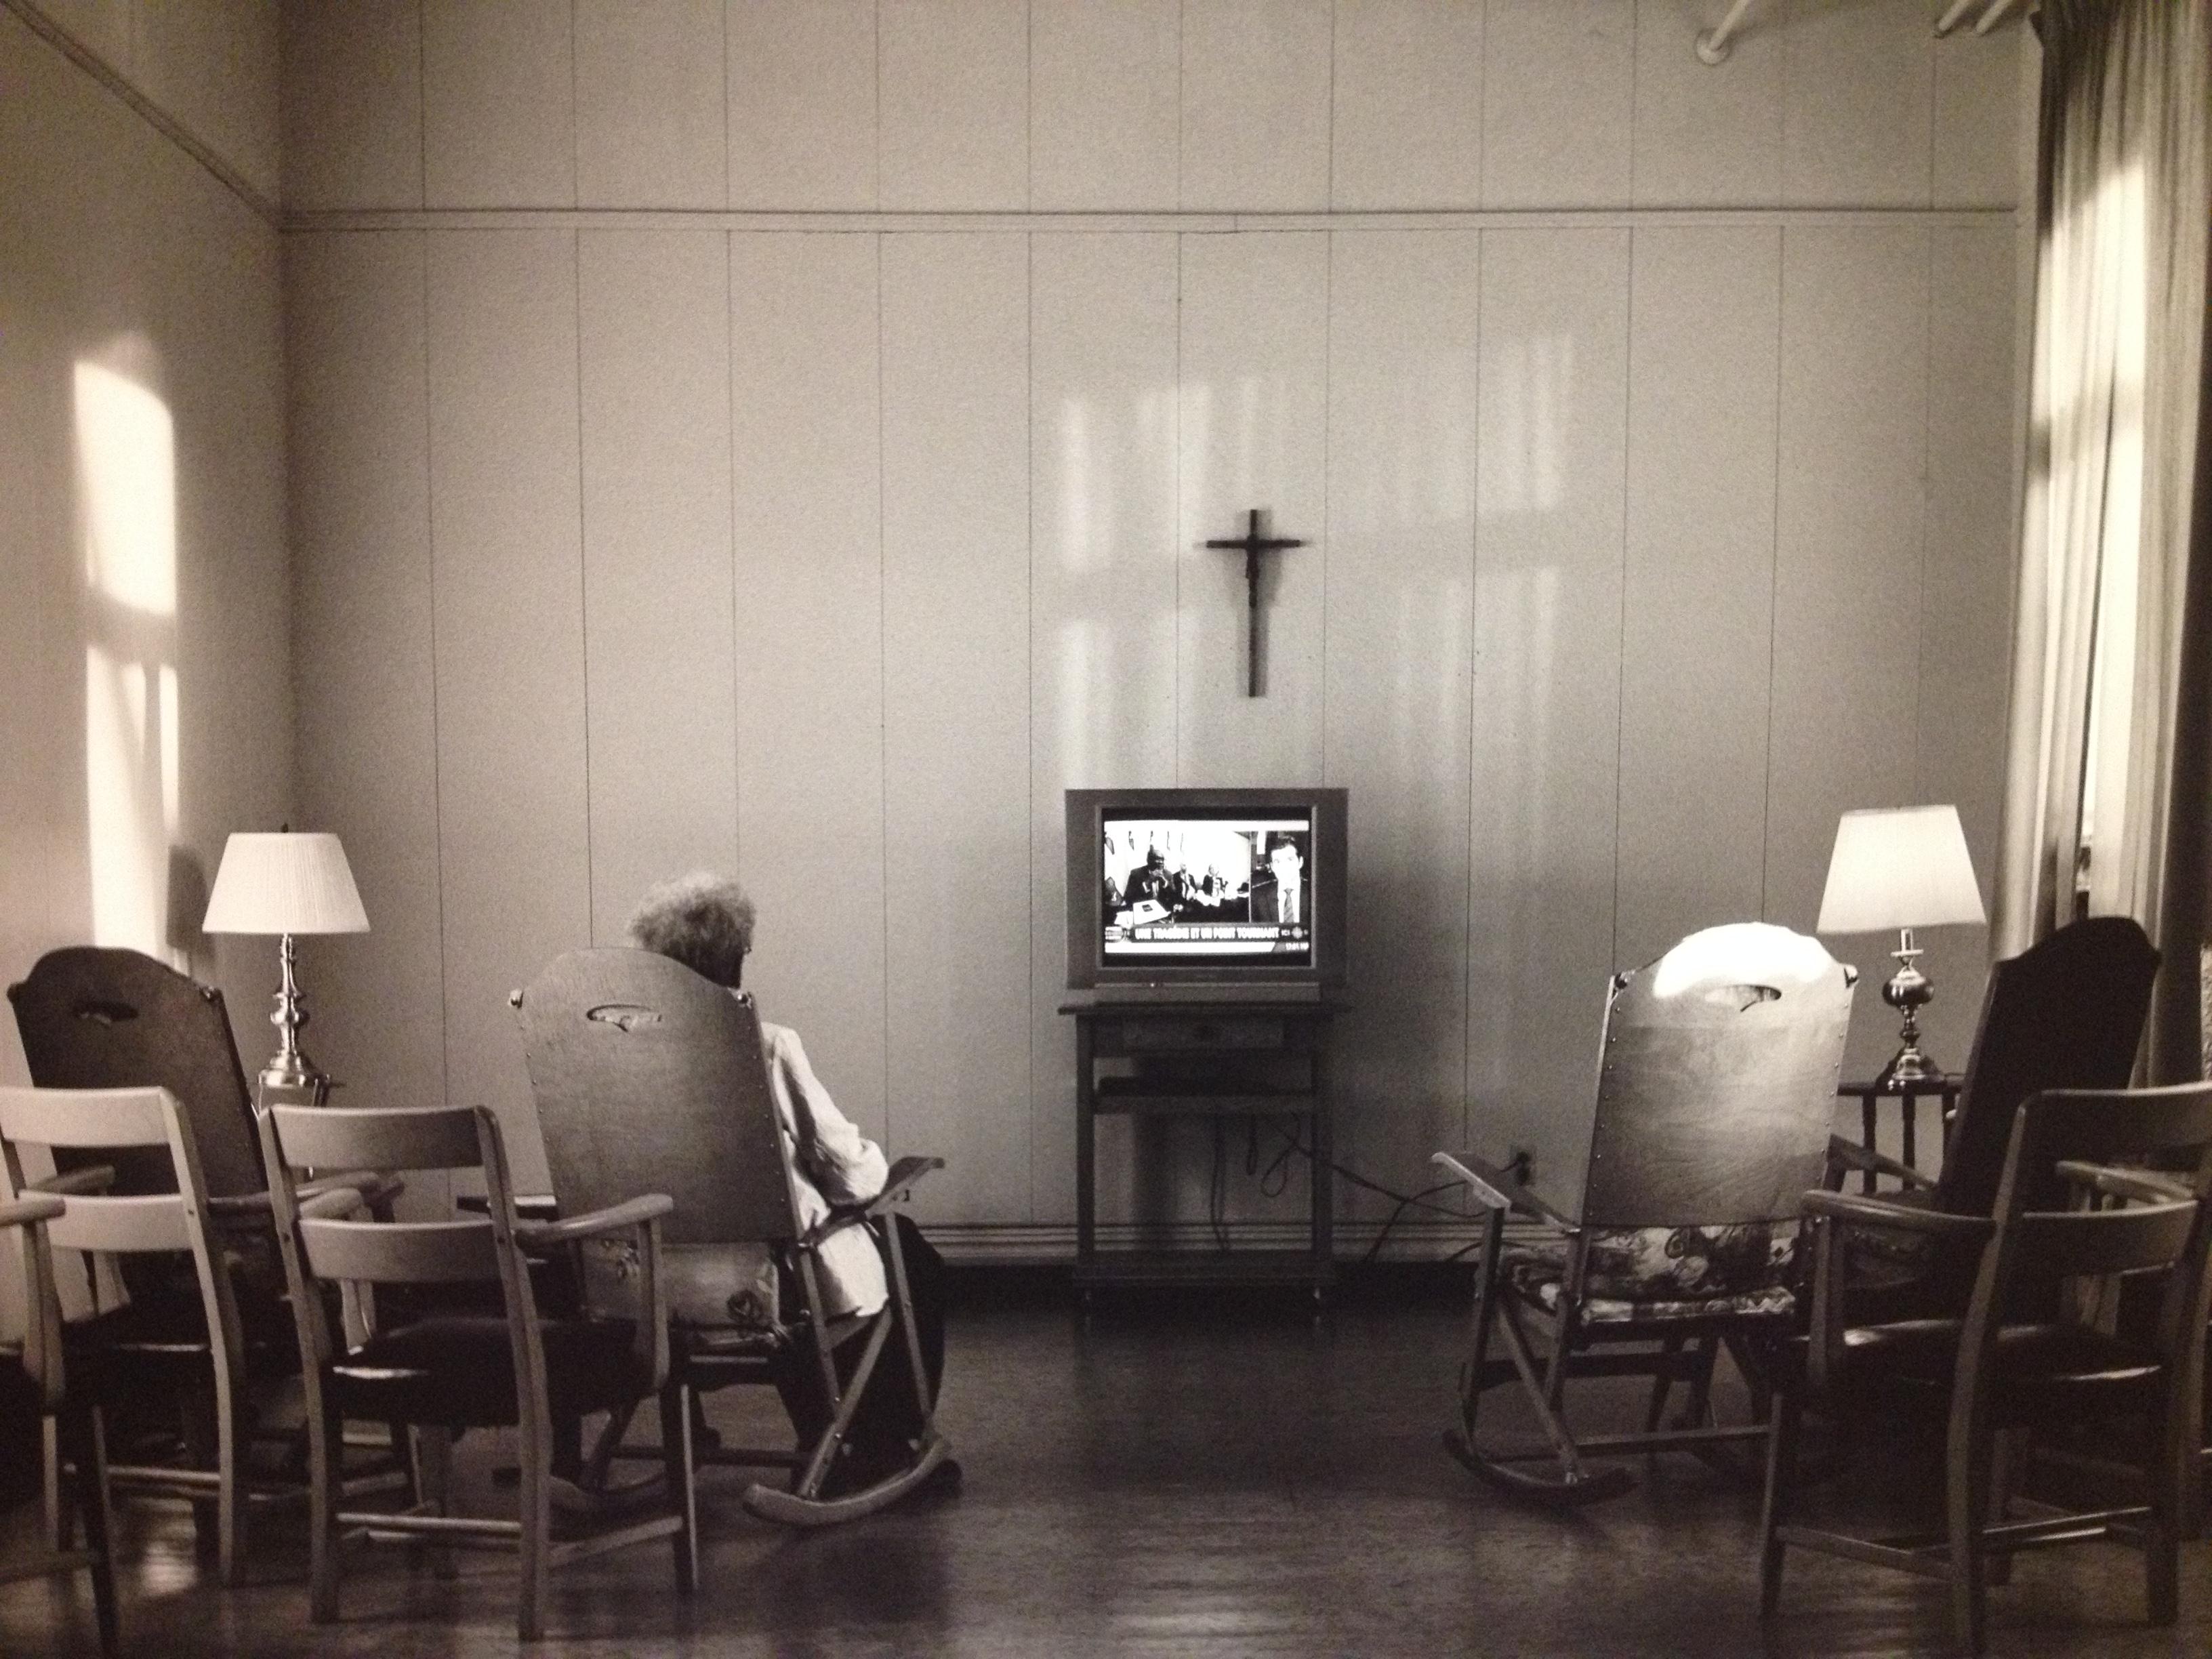 alicia lorente_le temps révélé_salle de télévision